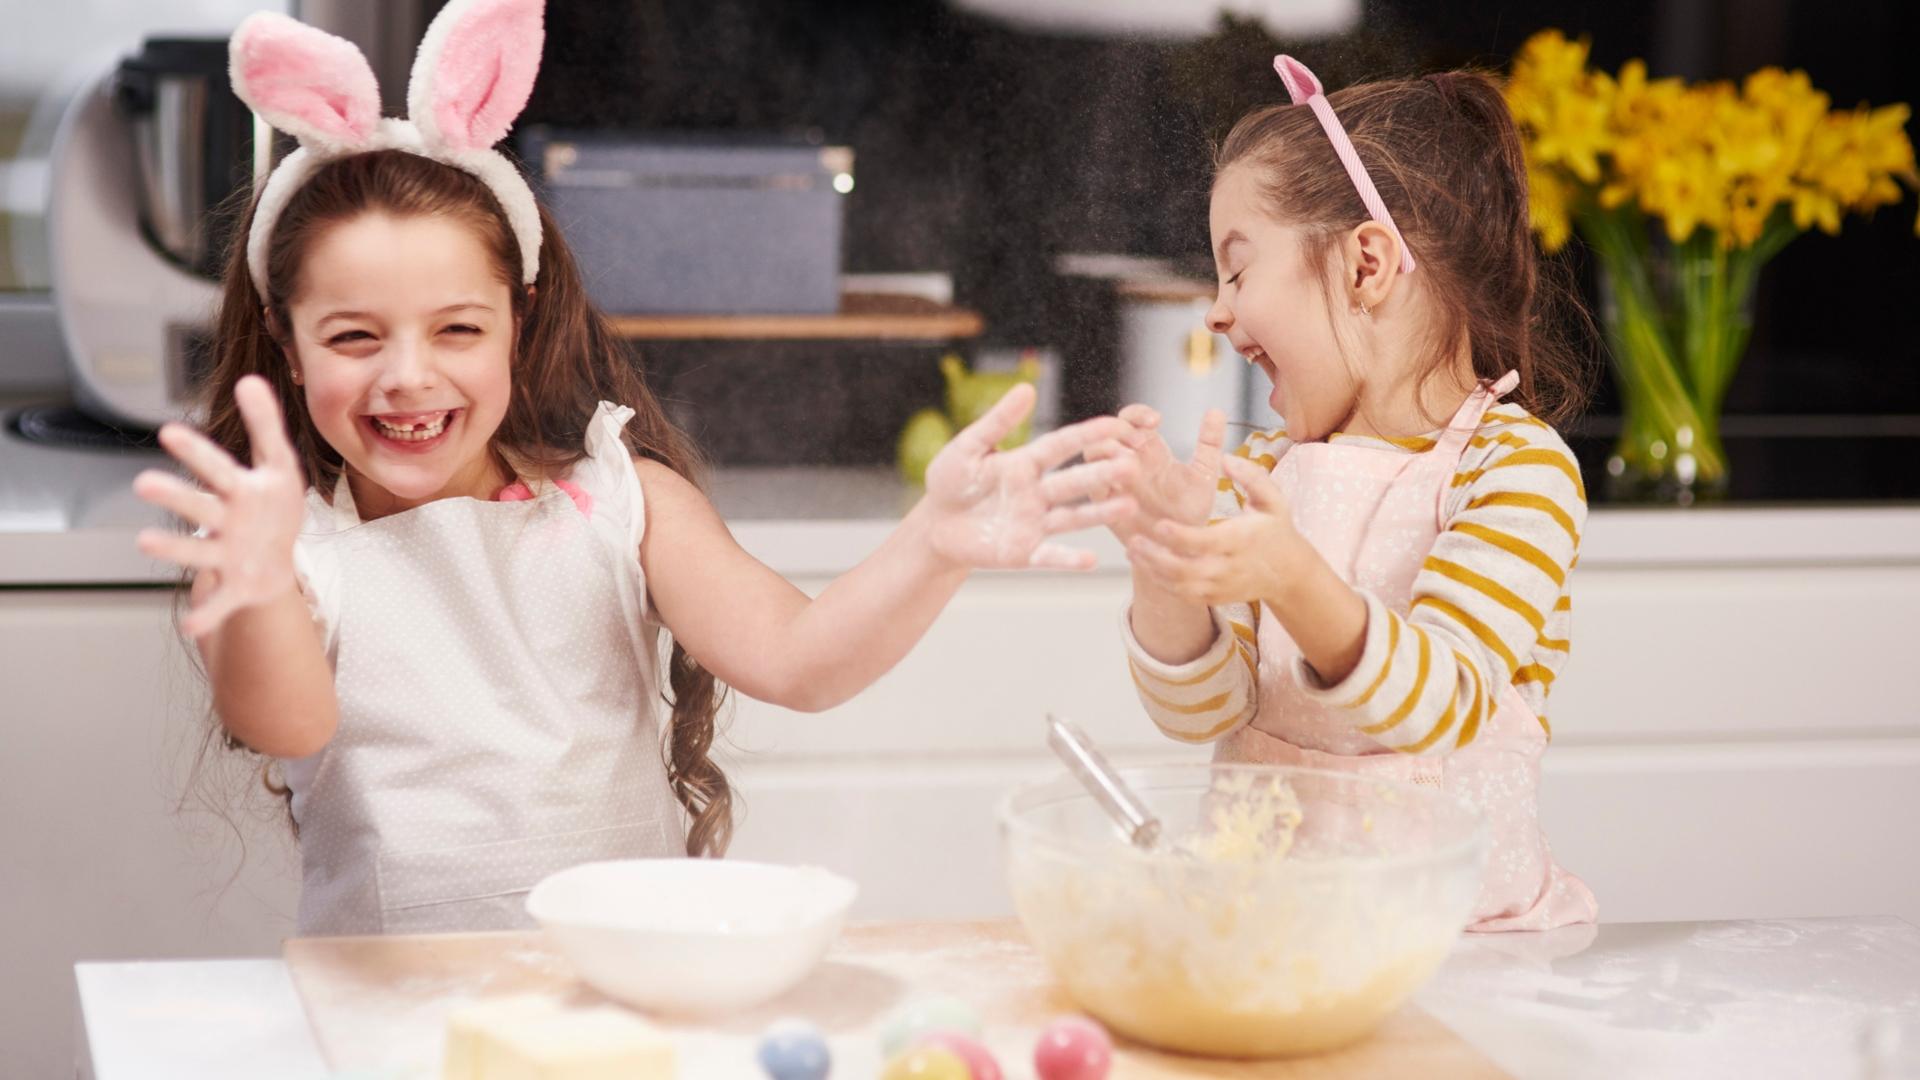 Süsd meg a húsvéti bögrés sütiket